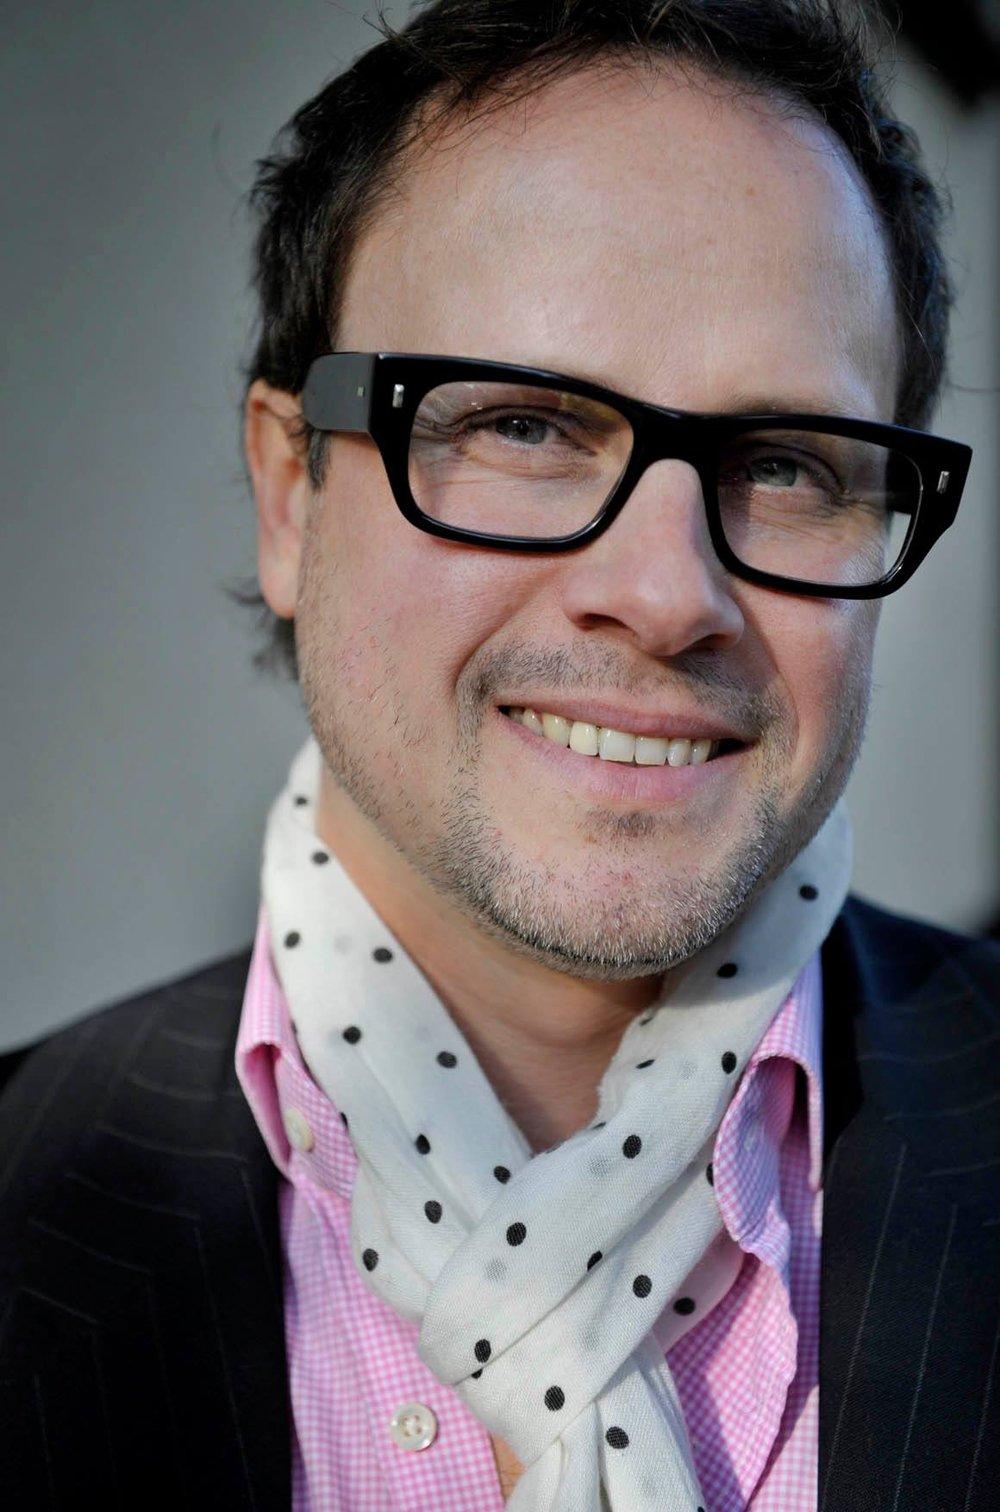 Johan Jorgensen